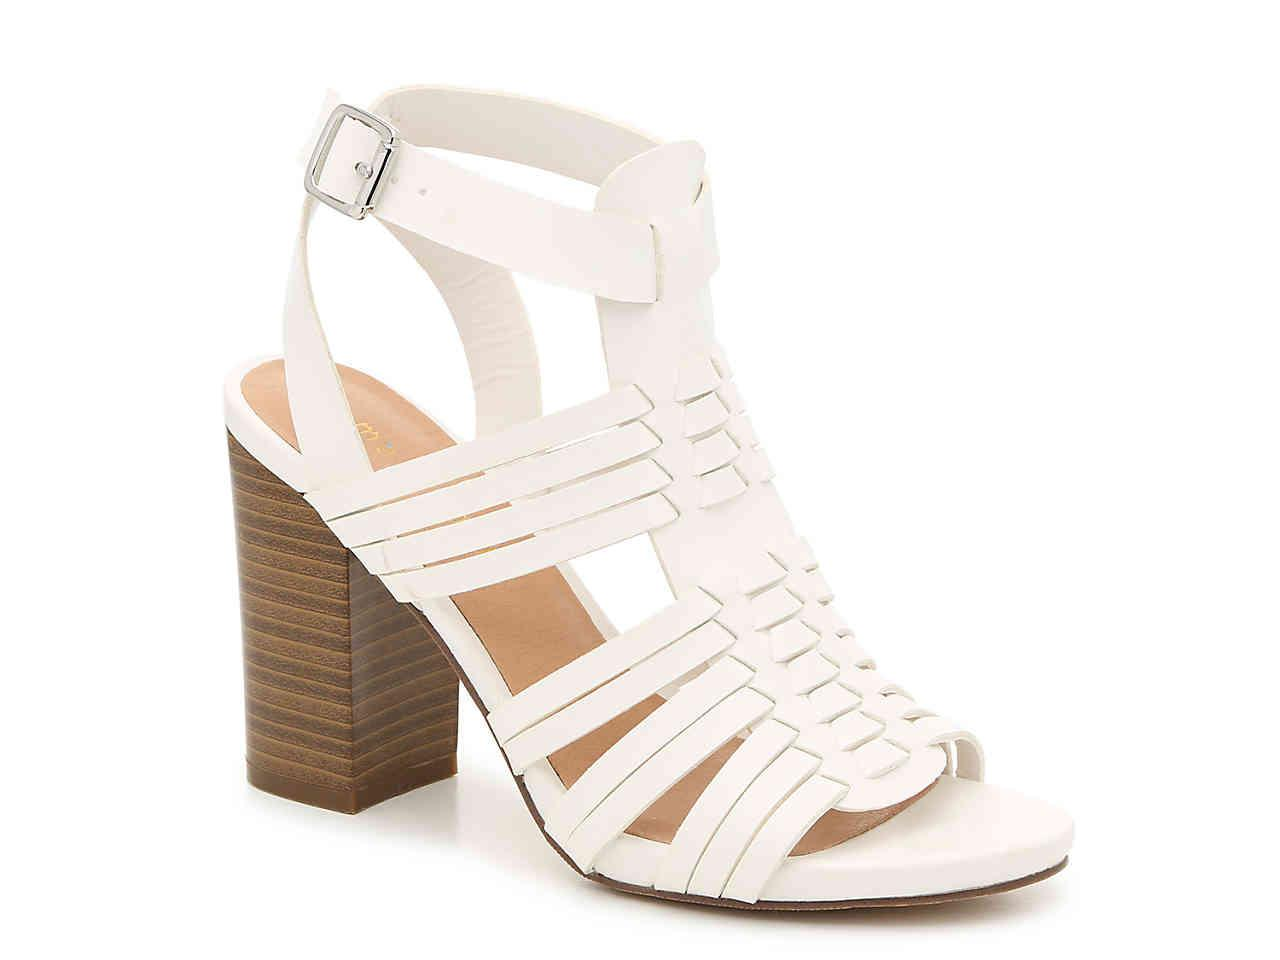 41c5570fa8d Lyst - Madden Girl Reine Sandal in White